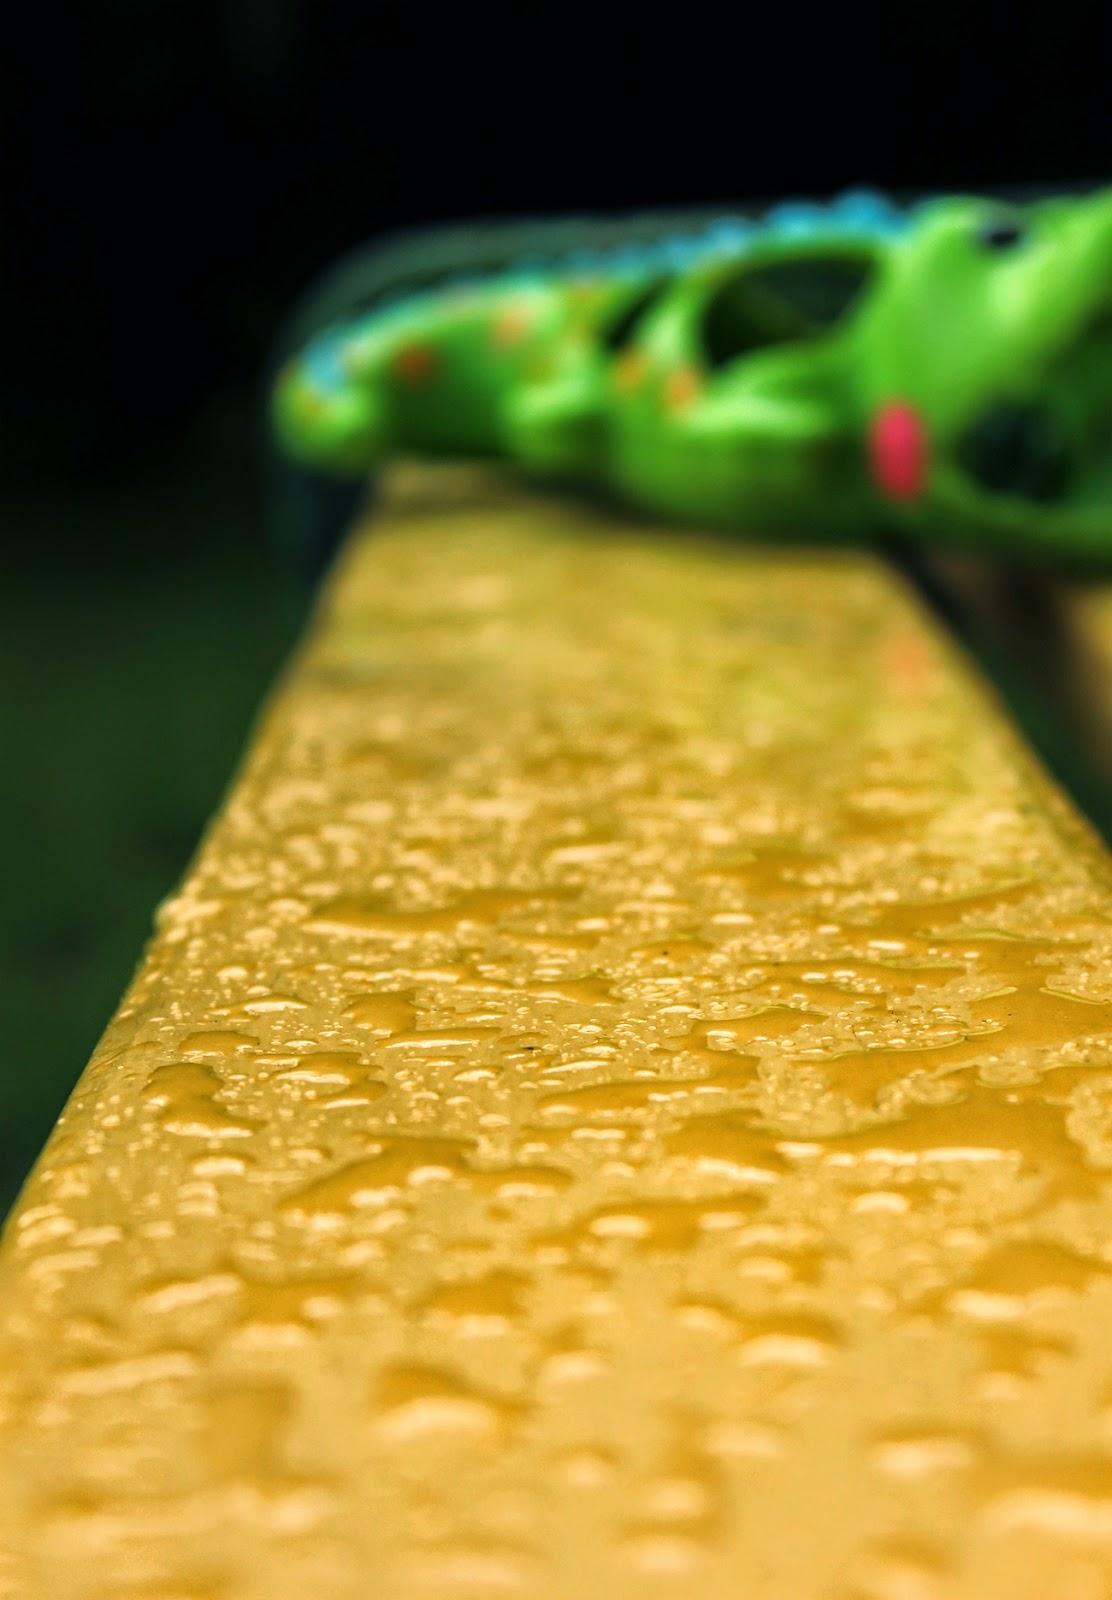 дождь, дача, игрушка